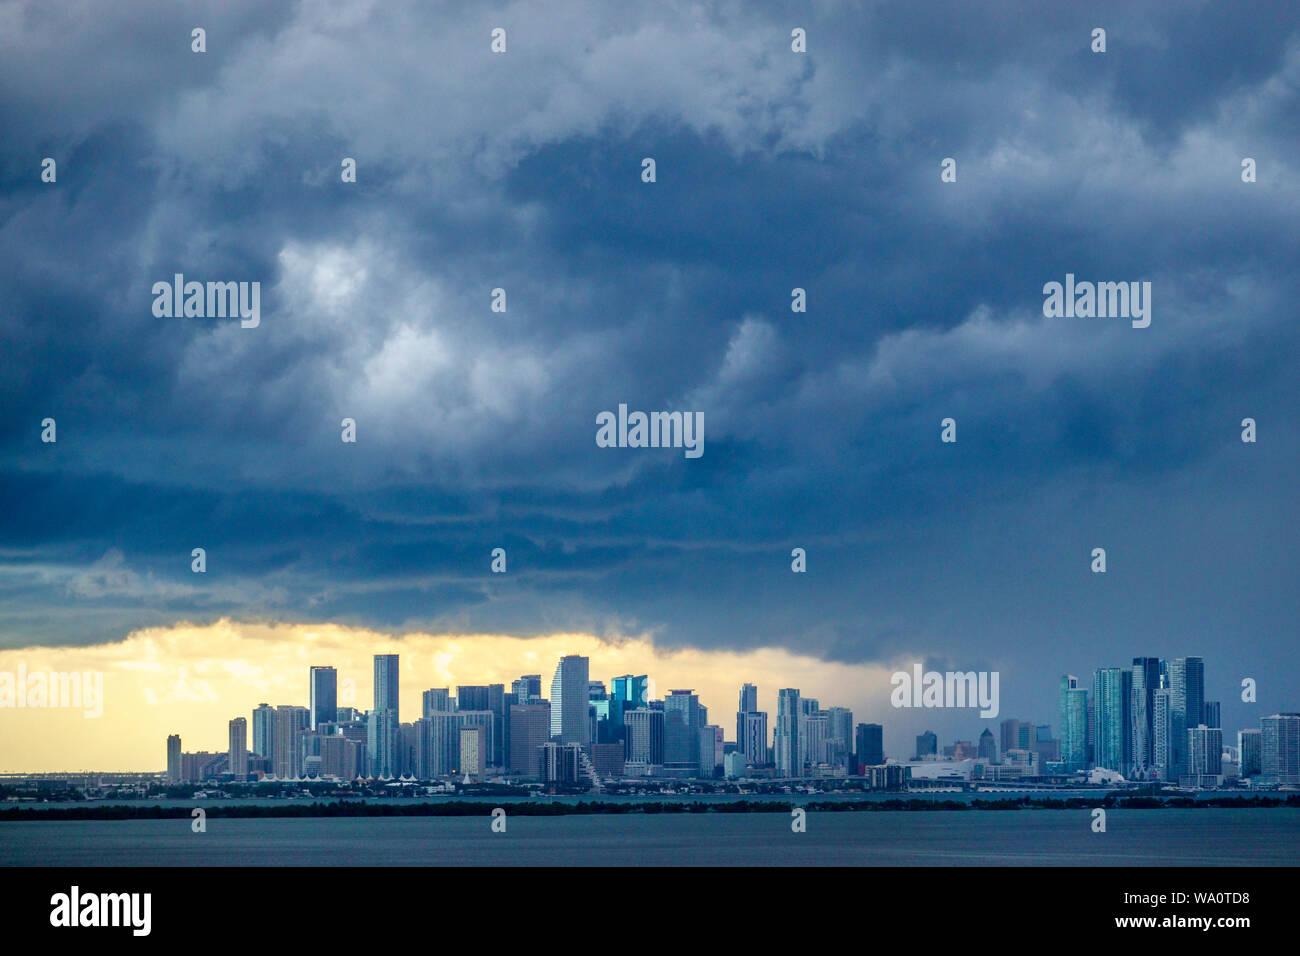 Miami Beach, Florida dunkle Wolken Wetter sky storm Wolken Regen Skyline der Stadt Biscayne Bay. Stockfoto